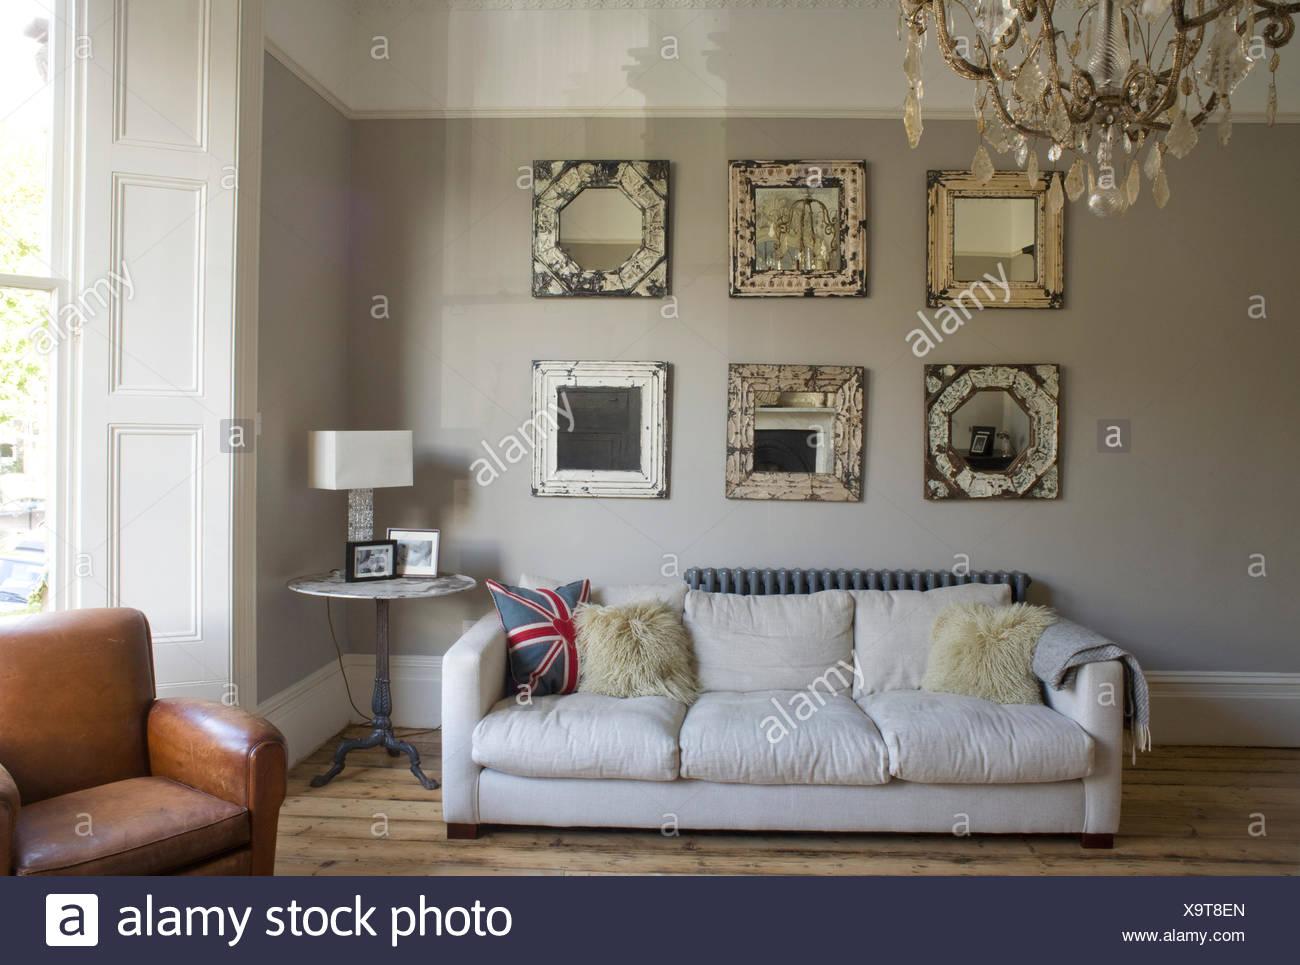 Specchio Sopra Divano.Collezione Di Specchi Ornati Sopra Divano Bianco In Bianco